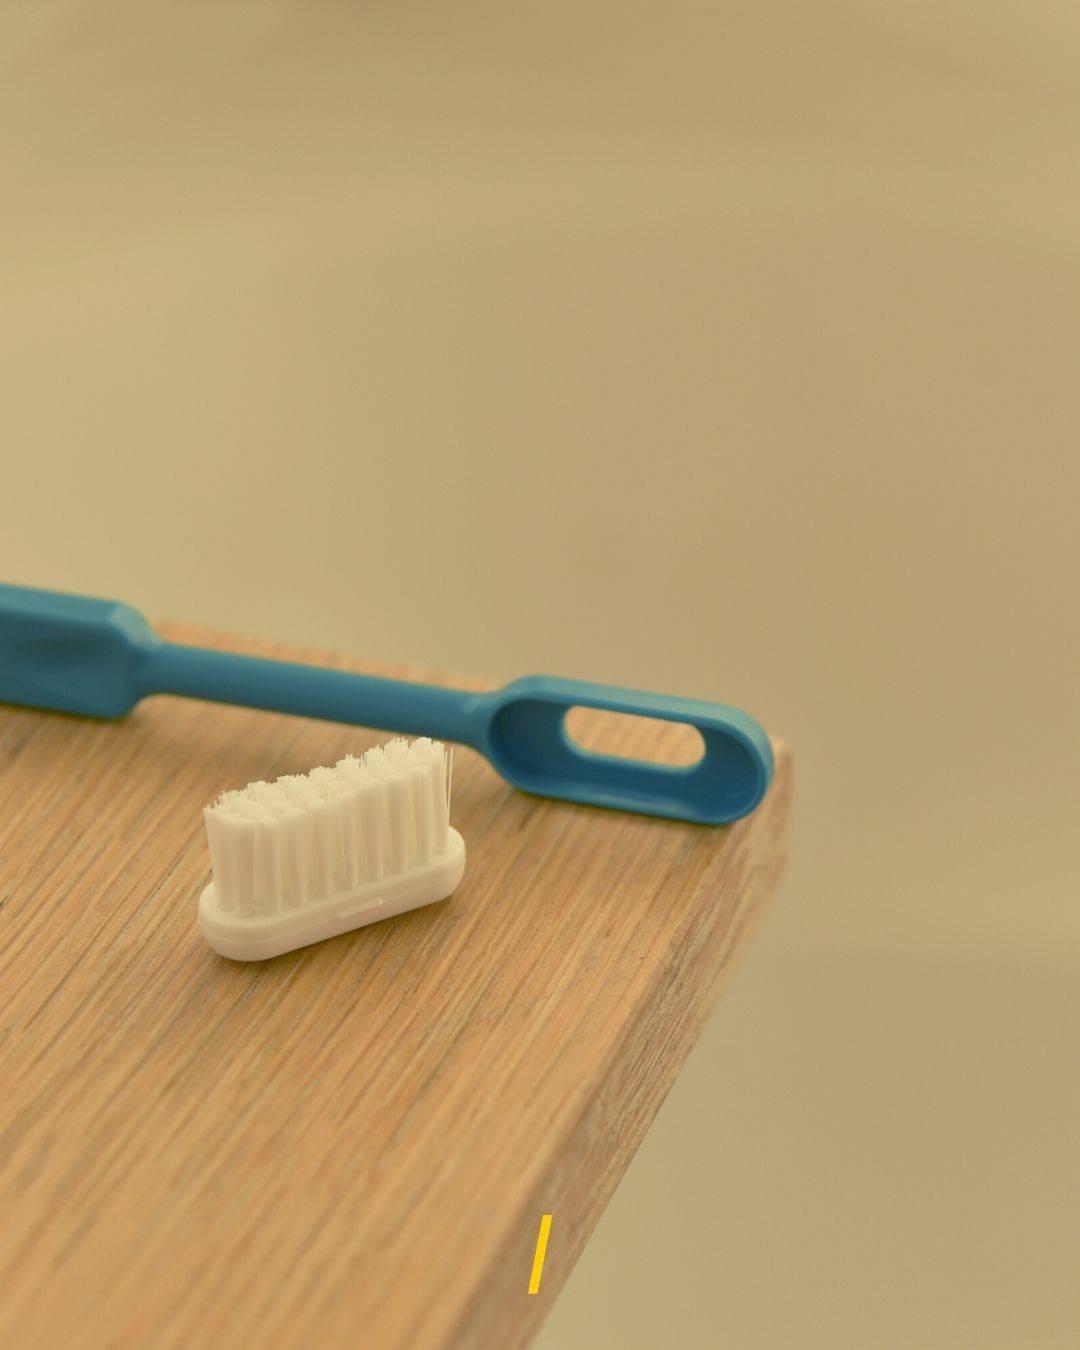 Brosse a dents ecologique rechargeable - Caliquo